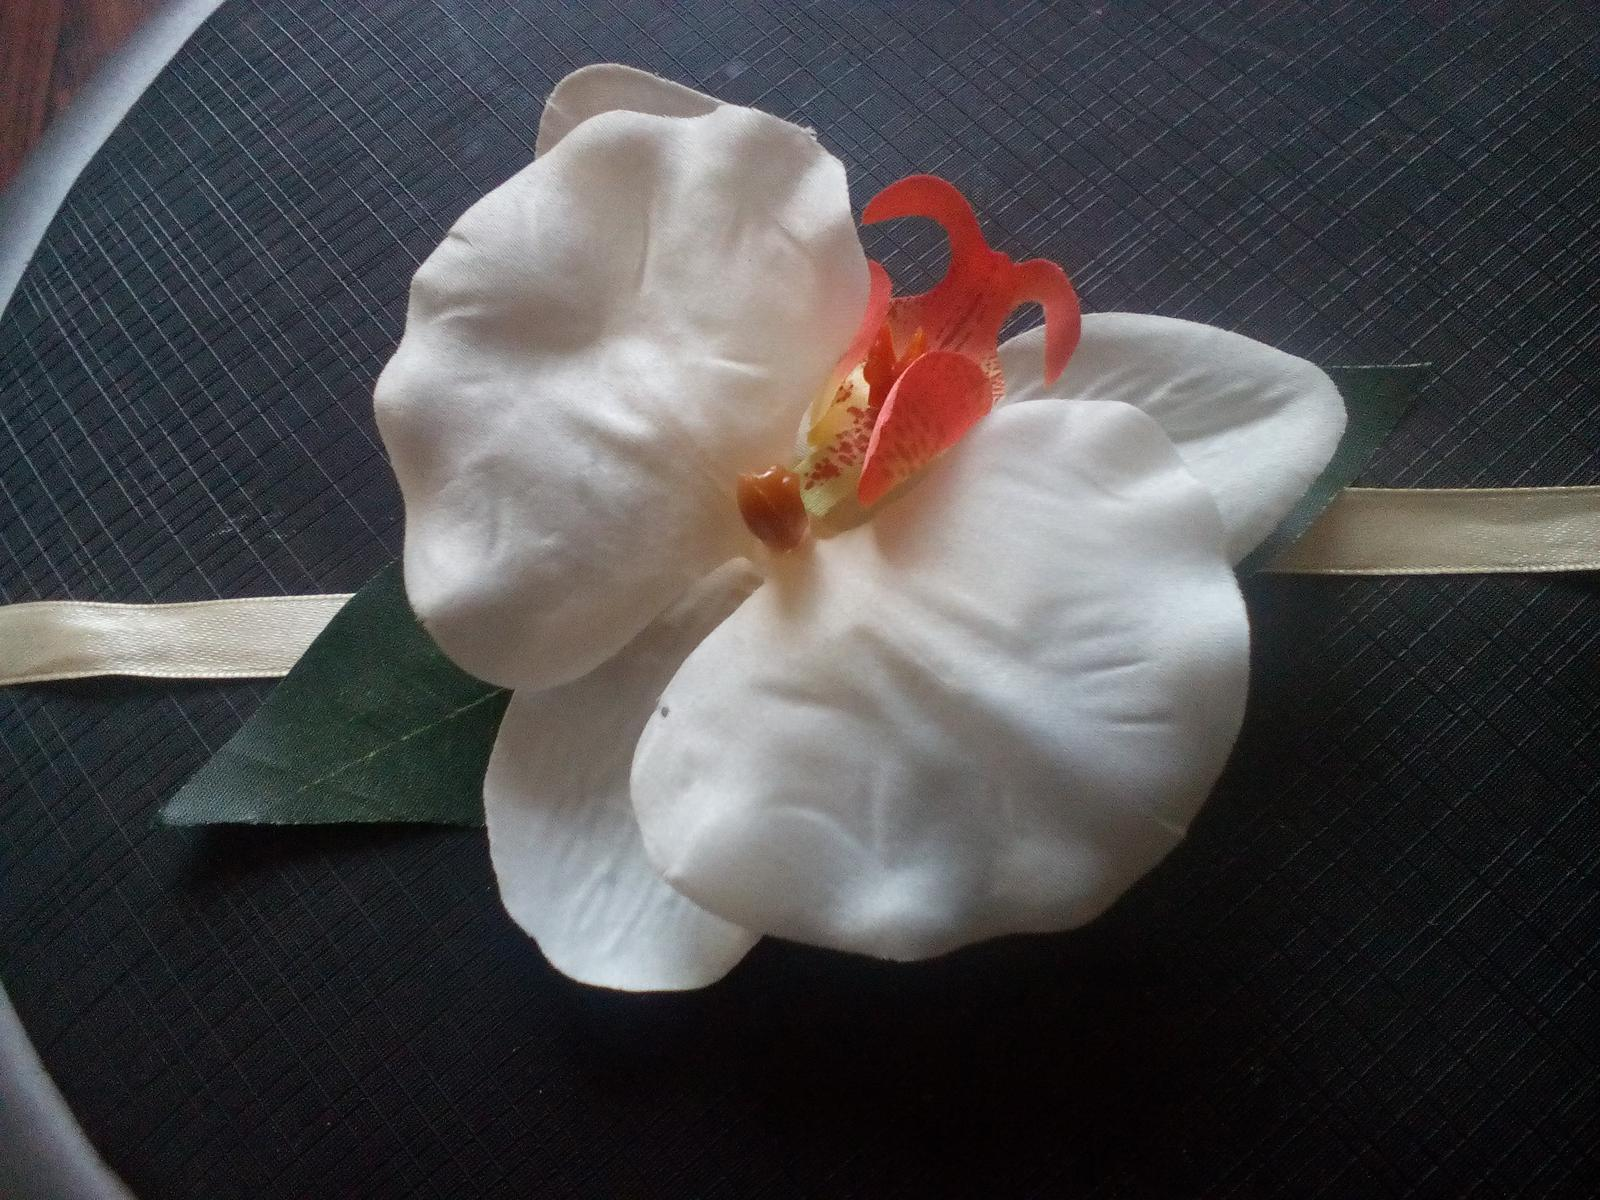 môj handmade náramok pre malé družičky <3 - Obrázok č. 1